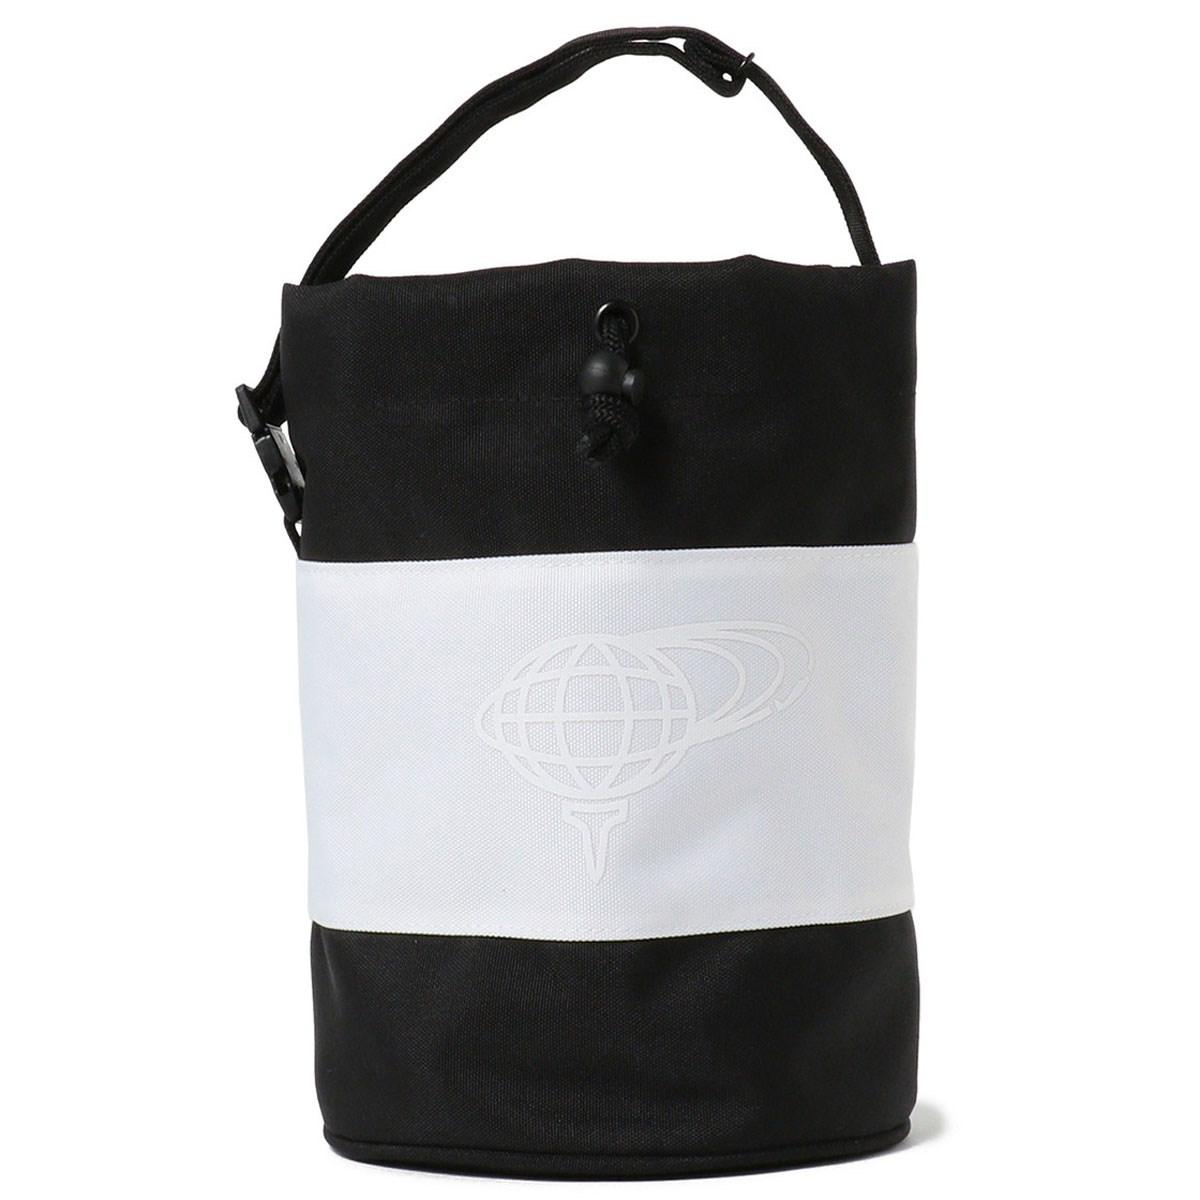 ビームスゴルフ BEAMS GOLF トリコロール 保冷機能付きバッグ